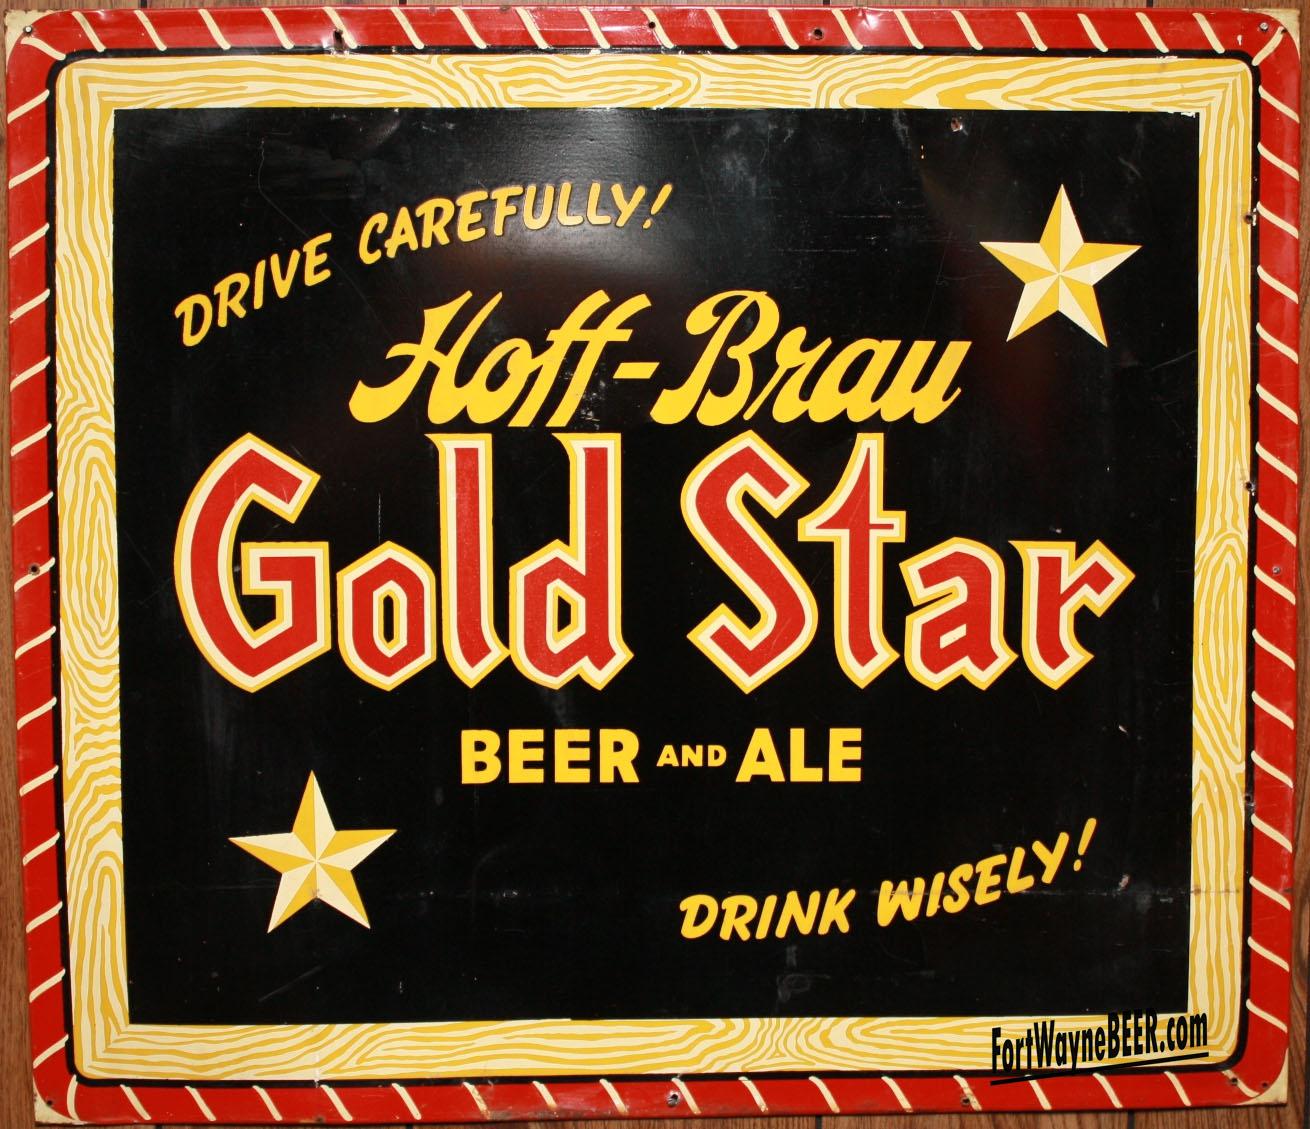 Hoff-Brau Beer Sign 6 copy.jpg